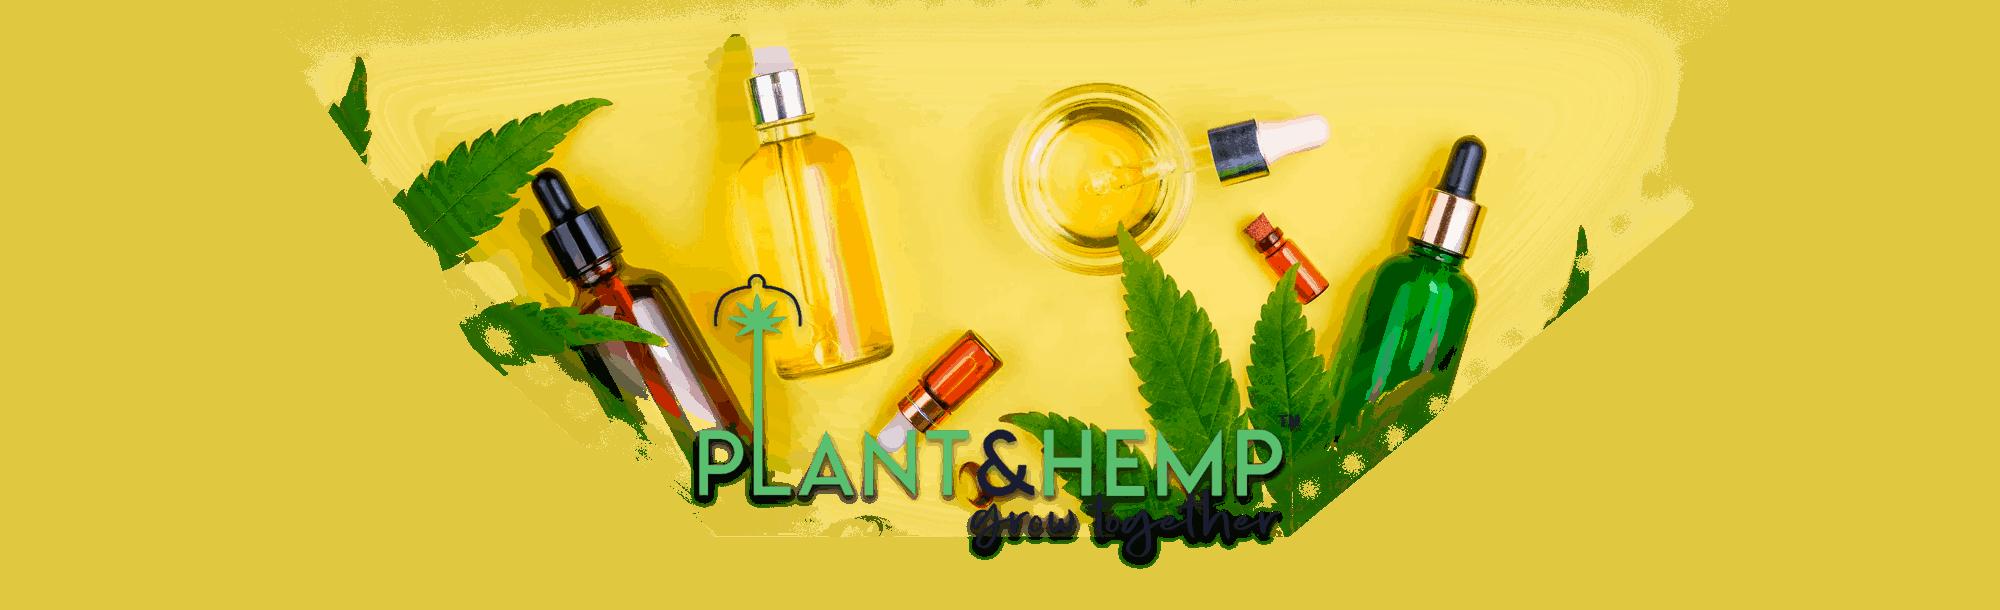 Plant & Hemp CBD Coupon Code Grow Together